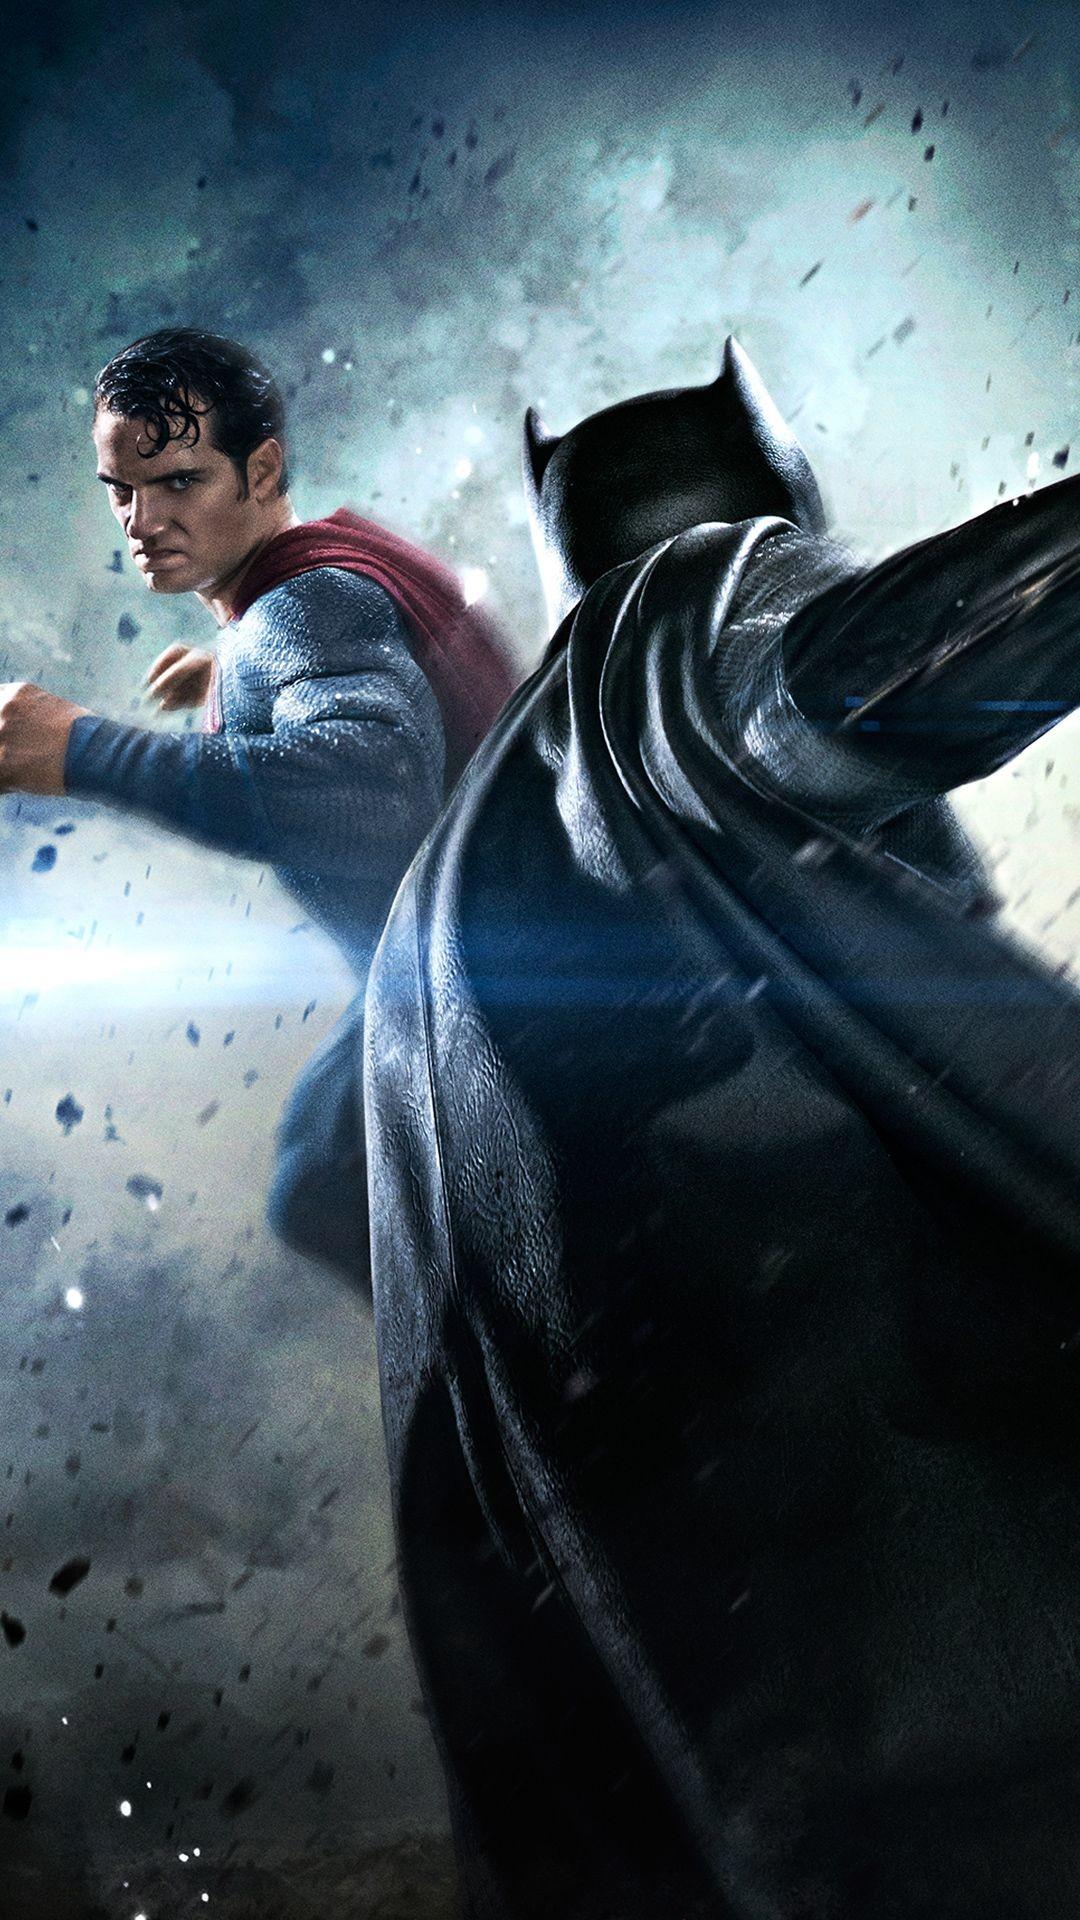 Batman V Superman Iphone Wallpaper 88 Images